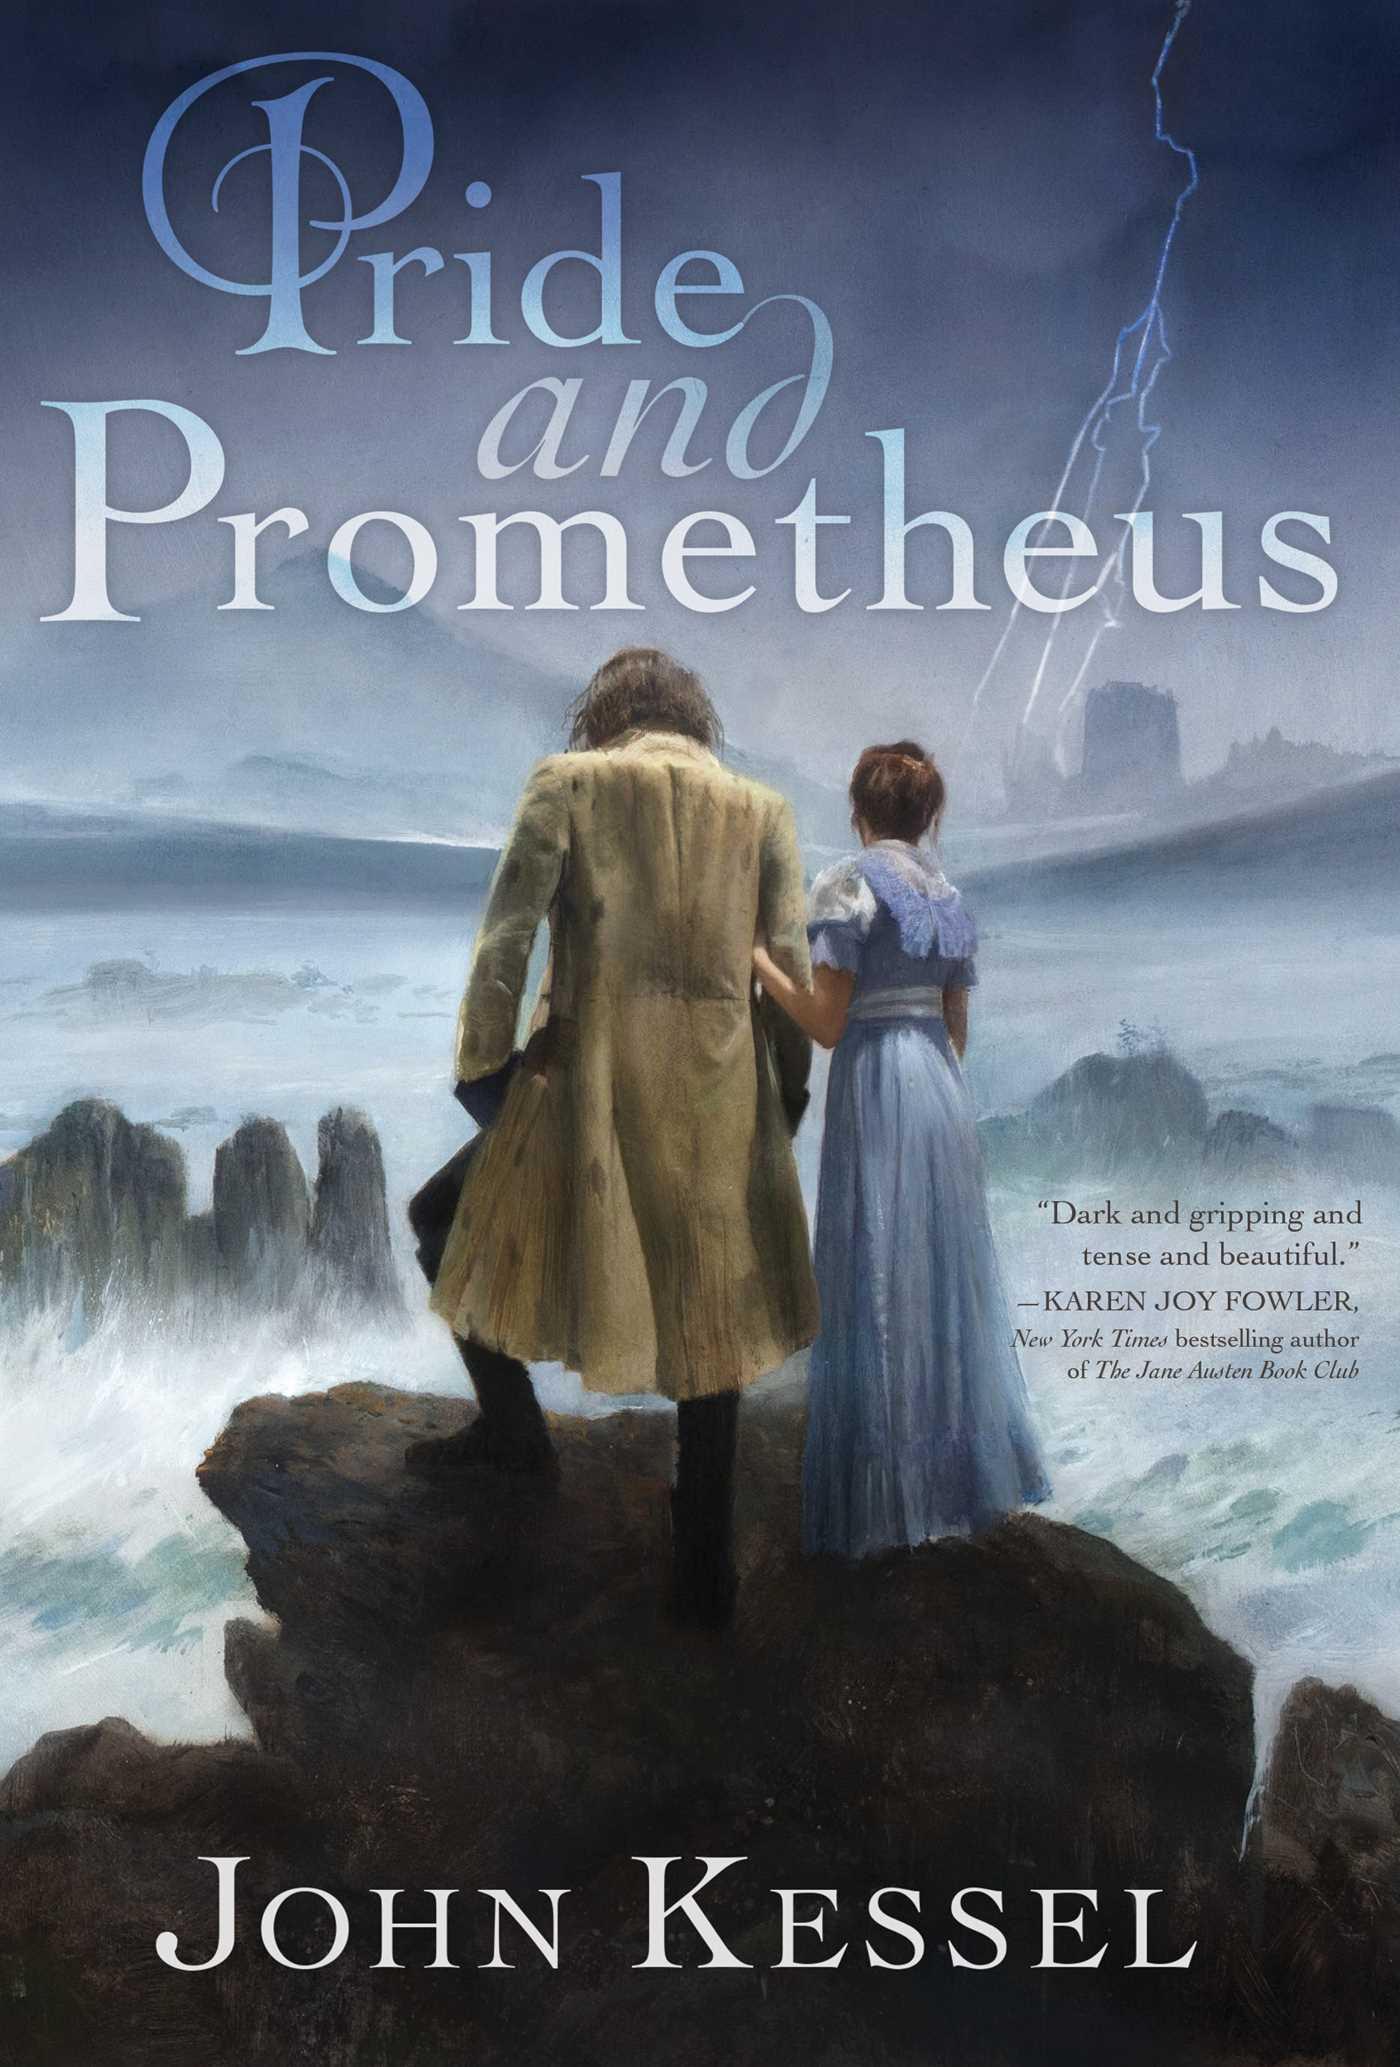 Pride and prometheus 9781481481496 hr